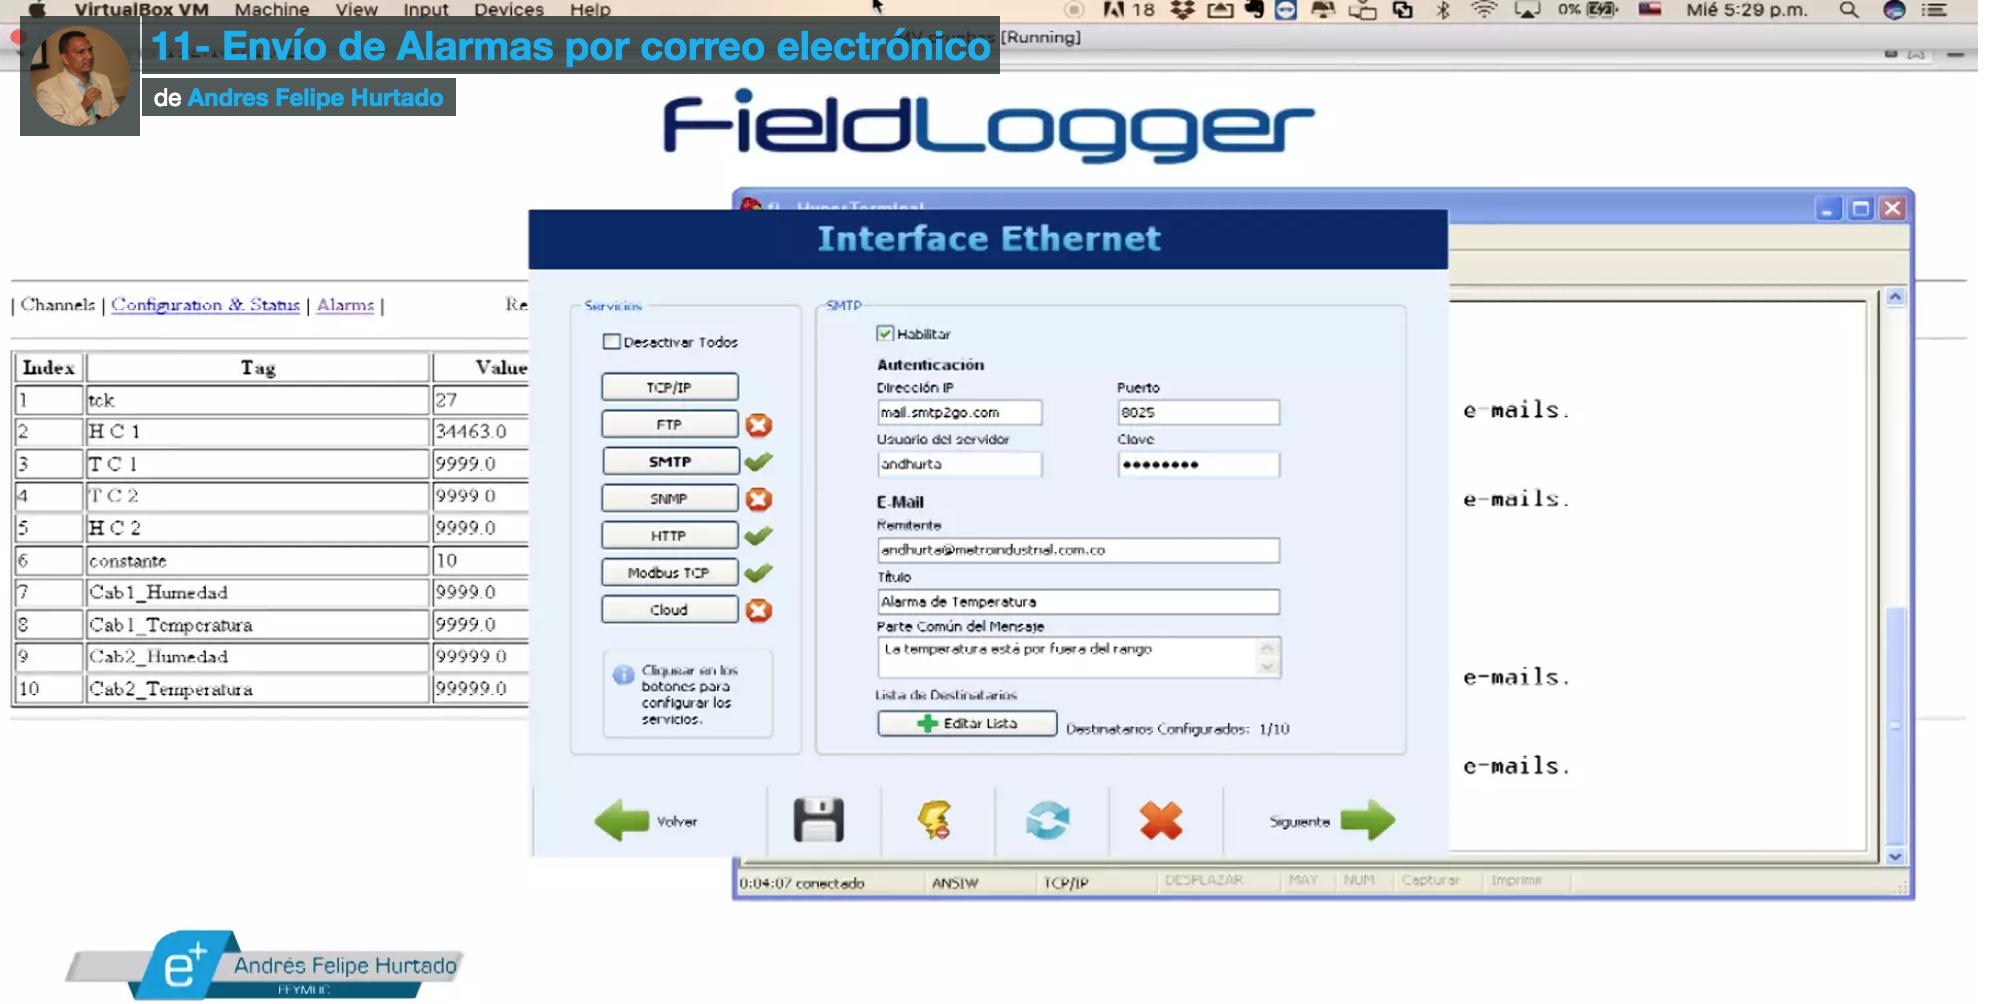 Curso de Fieldlogger- Envío de alarmas por correo electrónico